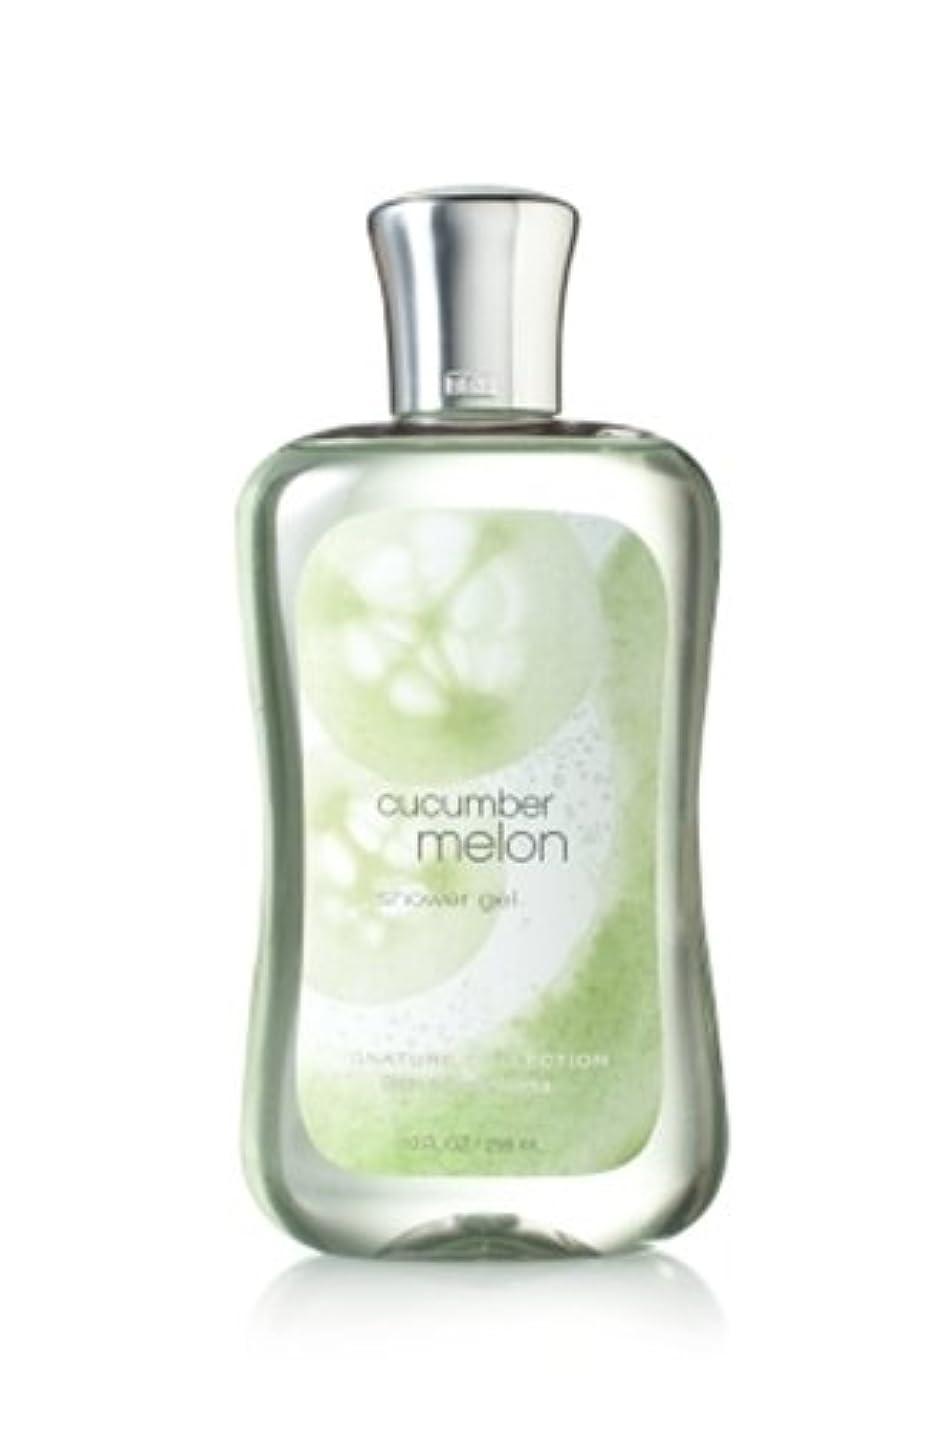 自信がある部分的インチバス&ボディワークス キューカンバーメロン シャワージェル Cucumber Melon shower gel [並行輸入品]